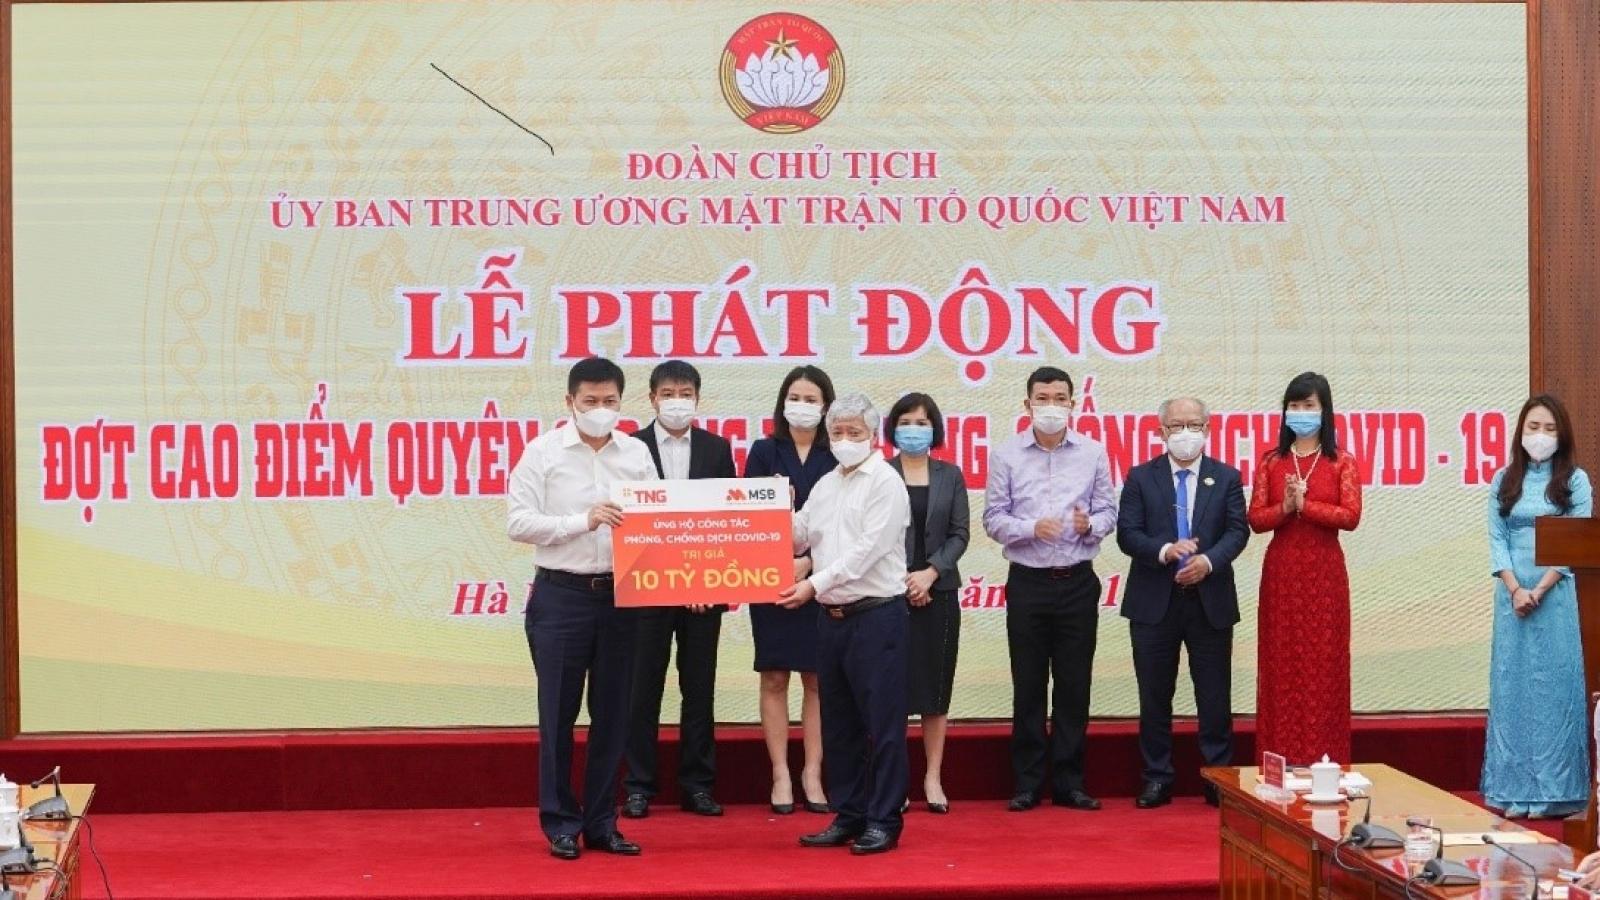 Tập đoàn TNG Holdings Vietnam và Ngân hàng MSB ủng hộ gần 50 tỷ đồng cho phòng, chống dịch